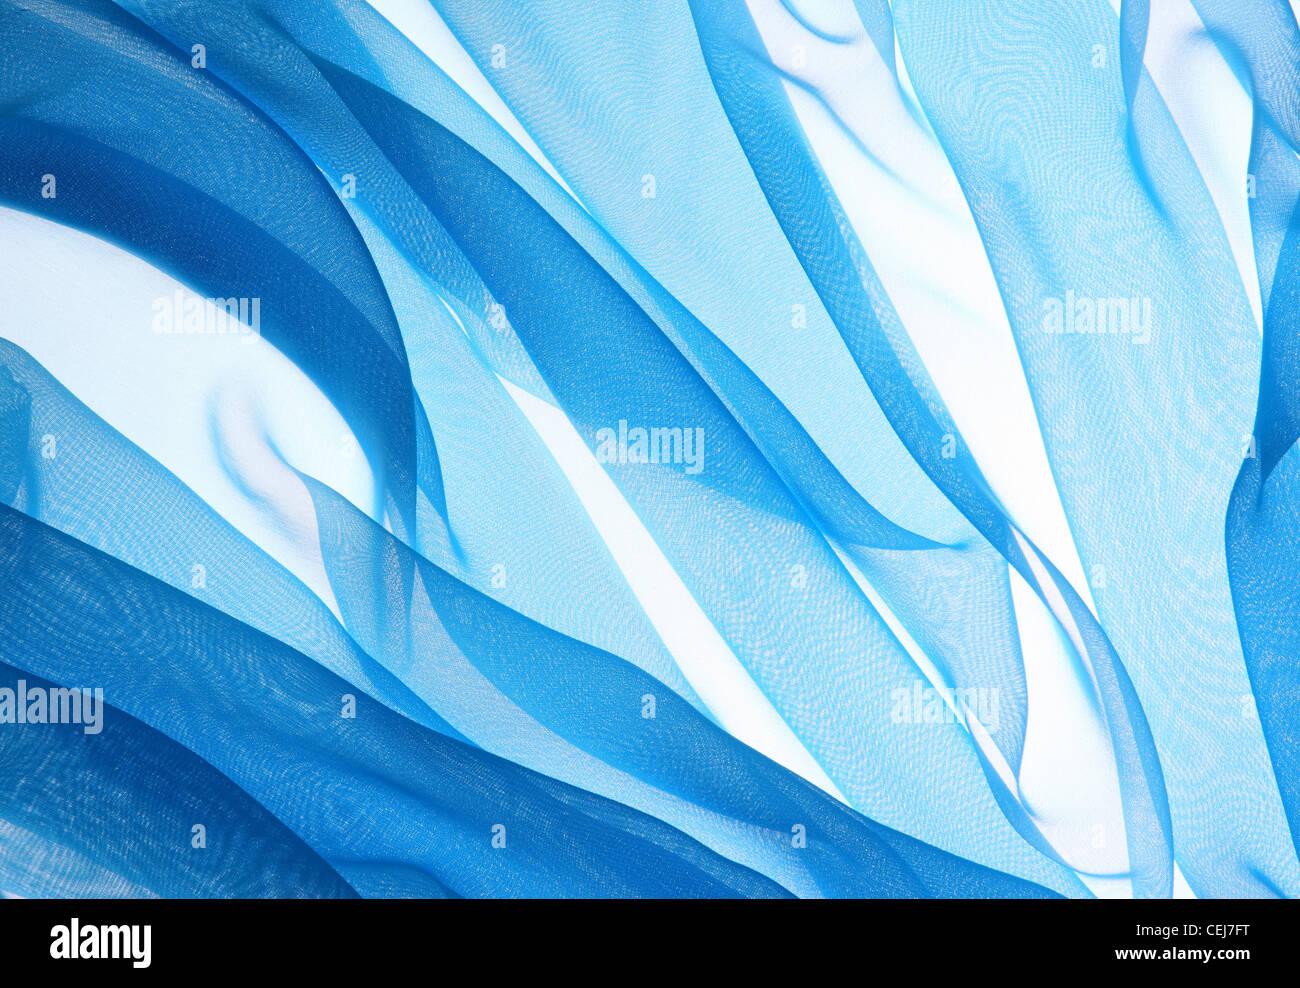 Abstract soft texture in chiffon sfondo Immagini Stock